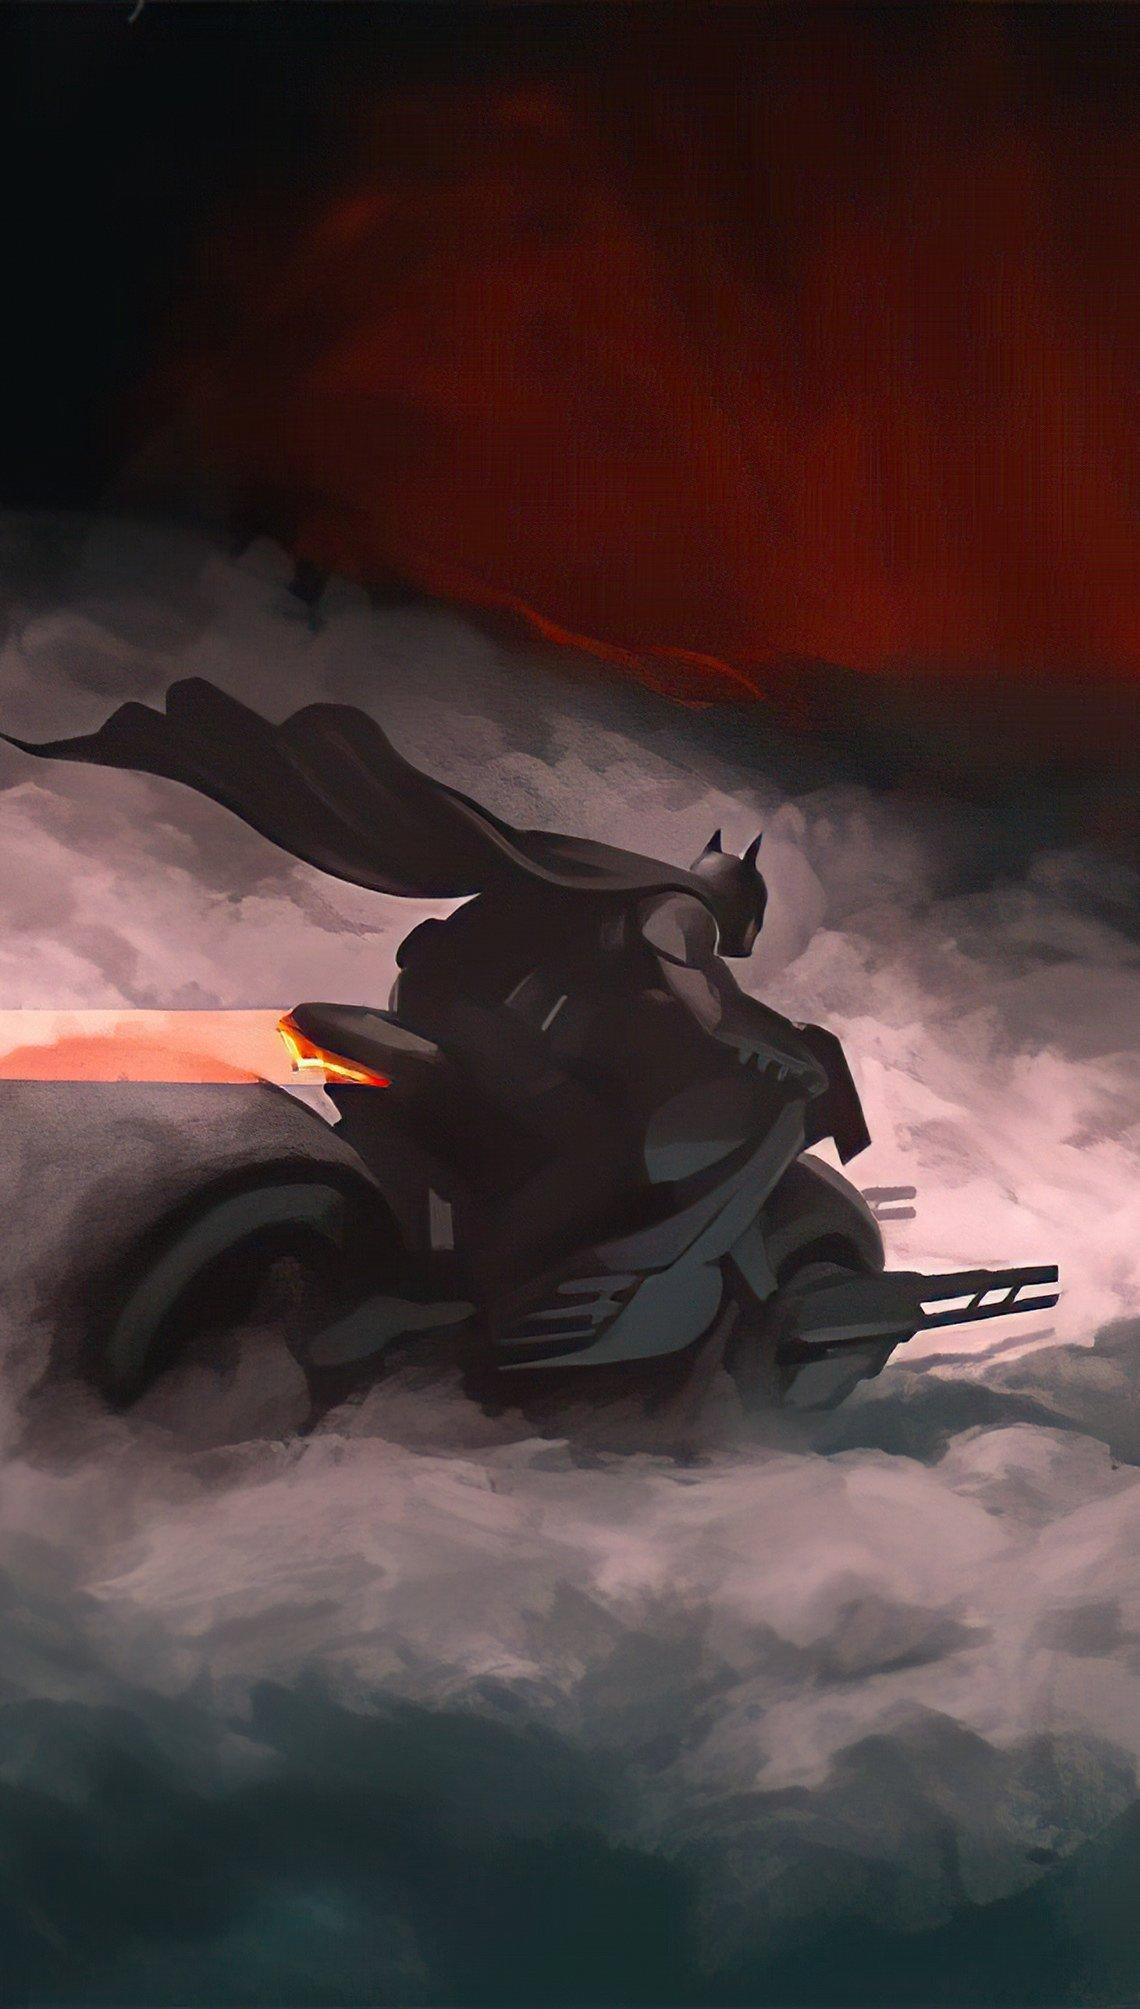 Fondos de pantalla Batman en Batimoto Vertical